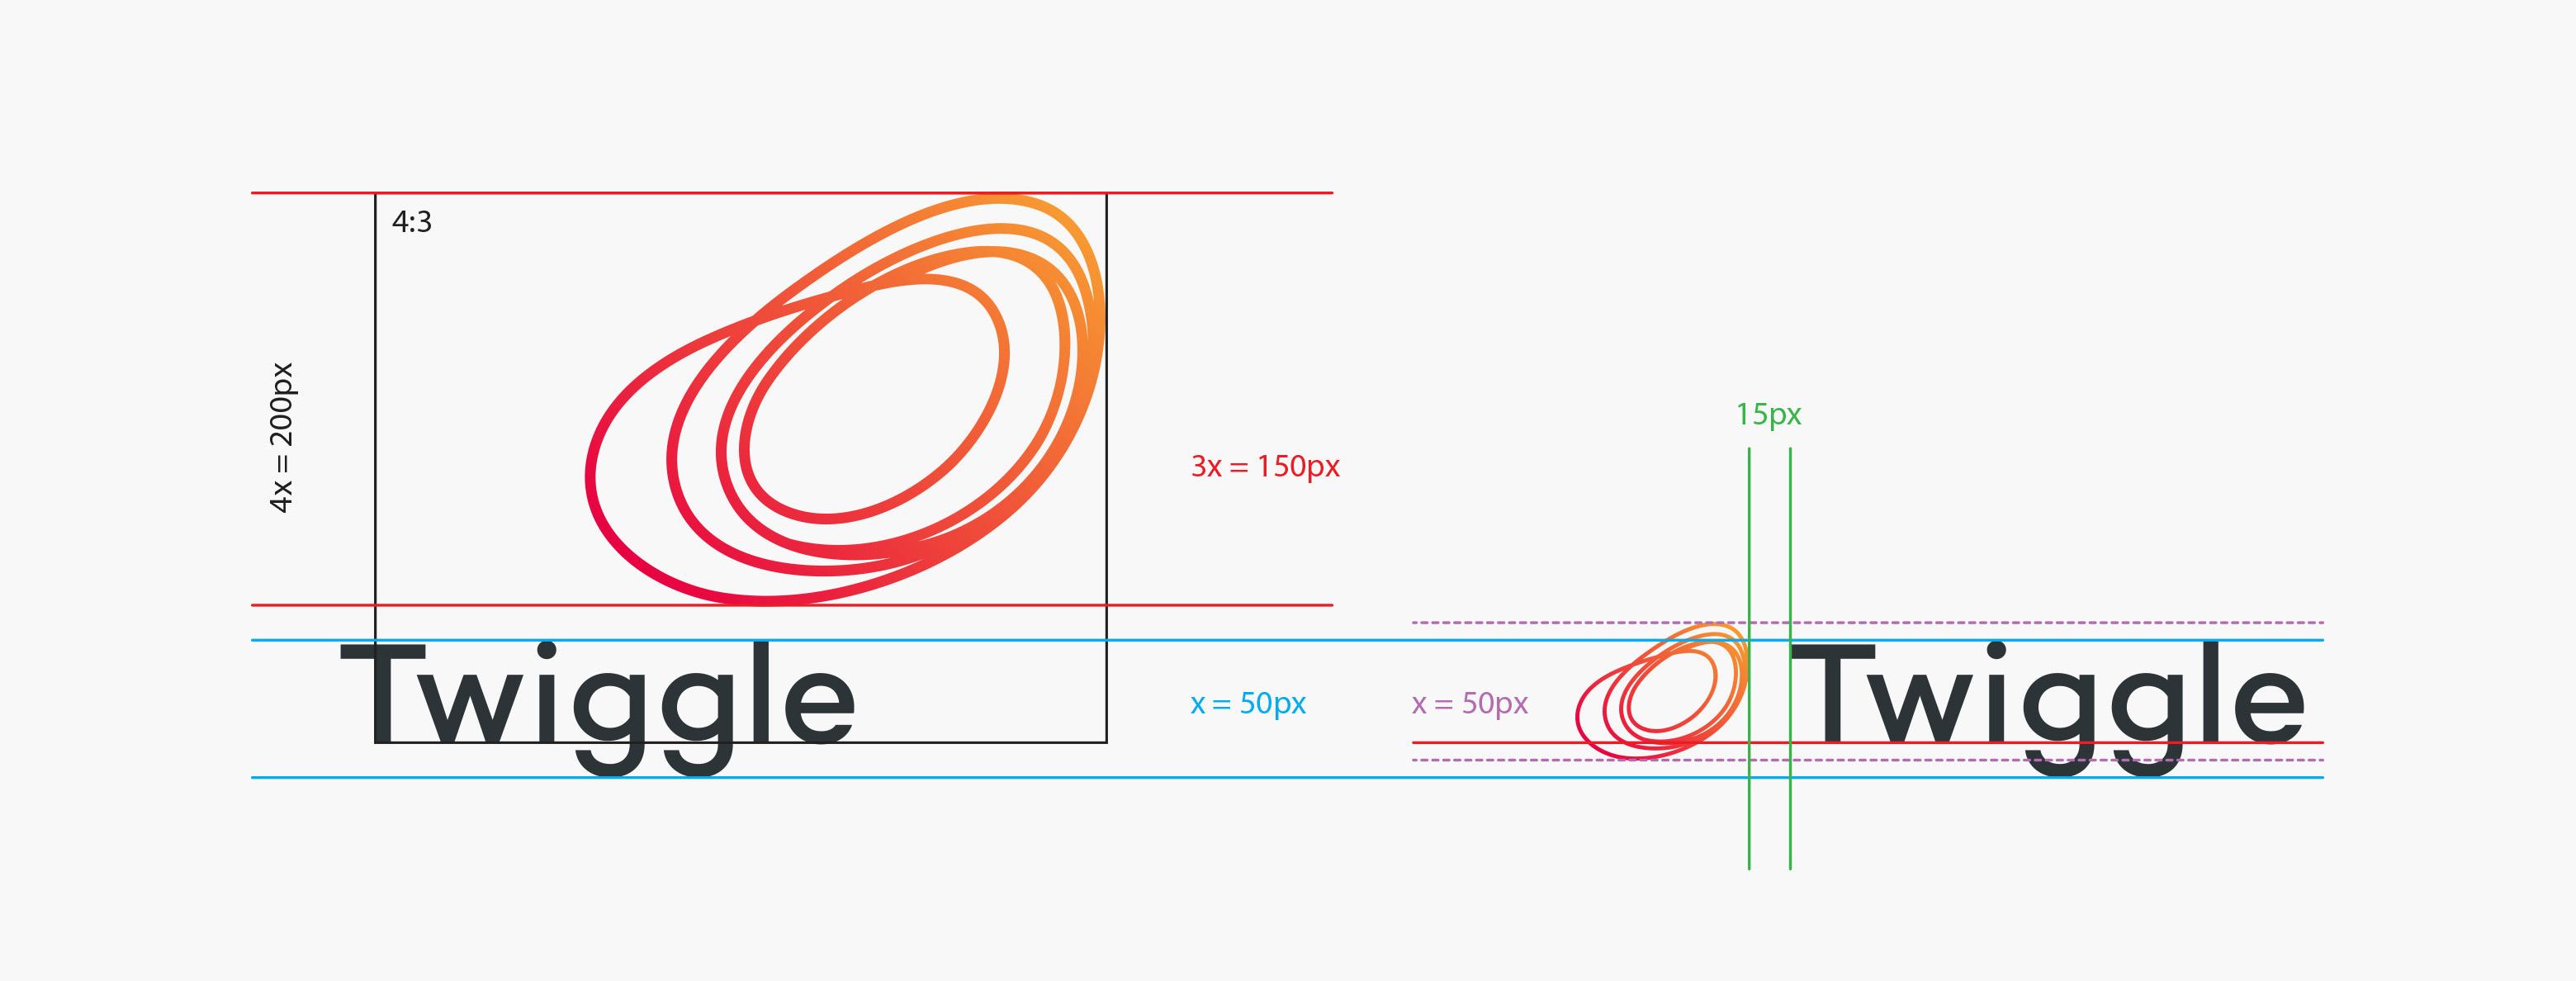 branding twiggle logo mechanics